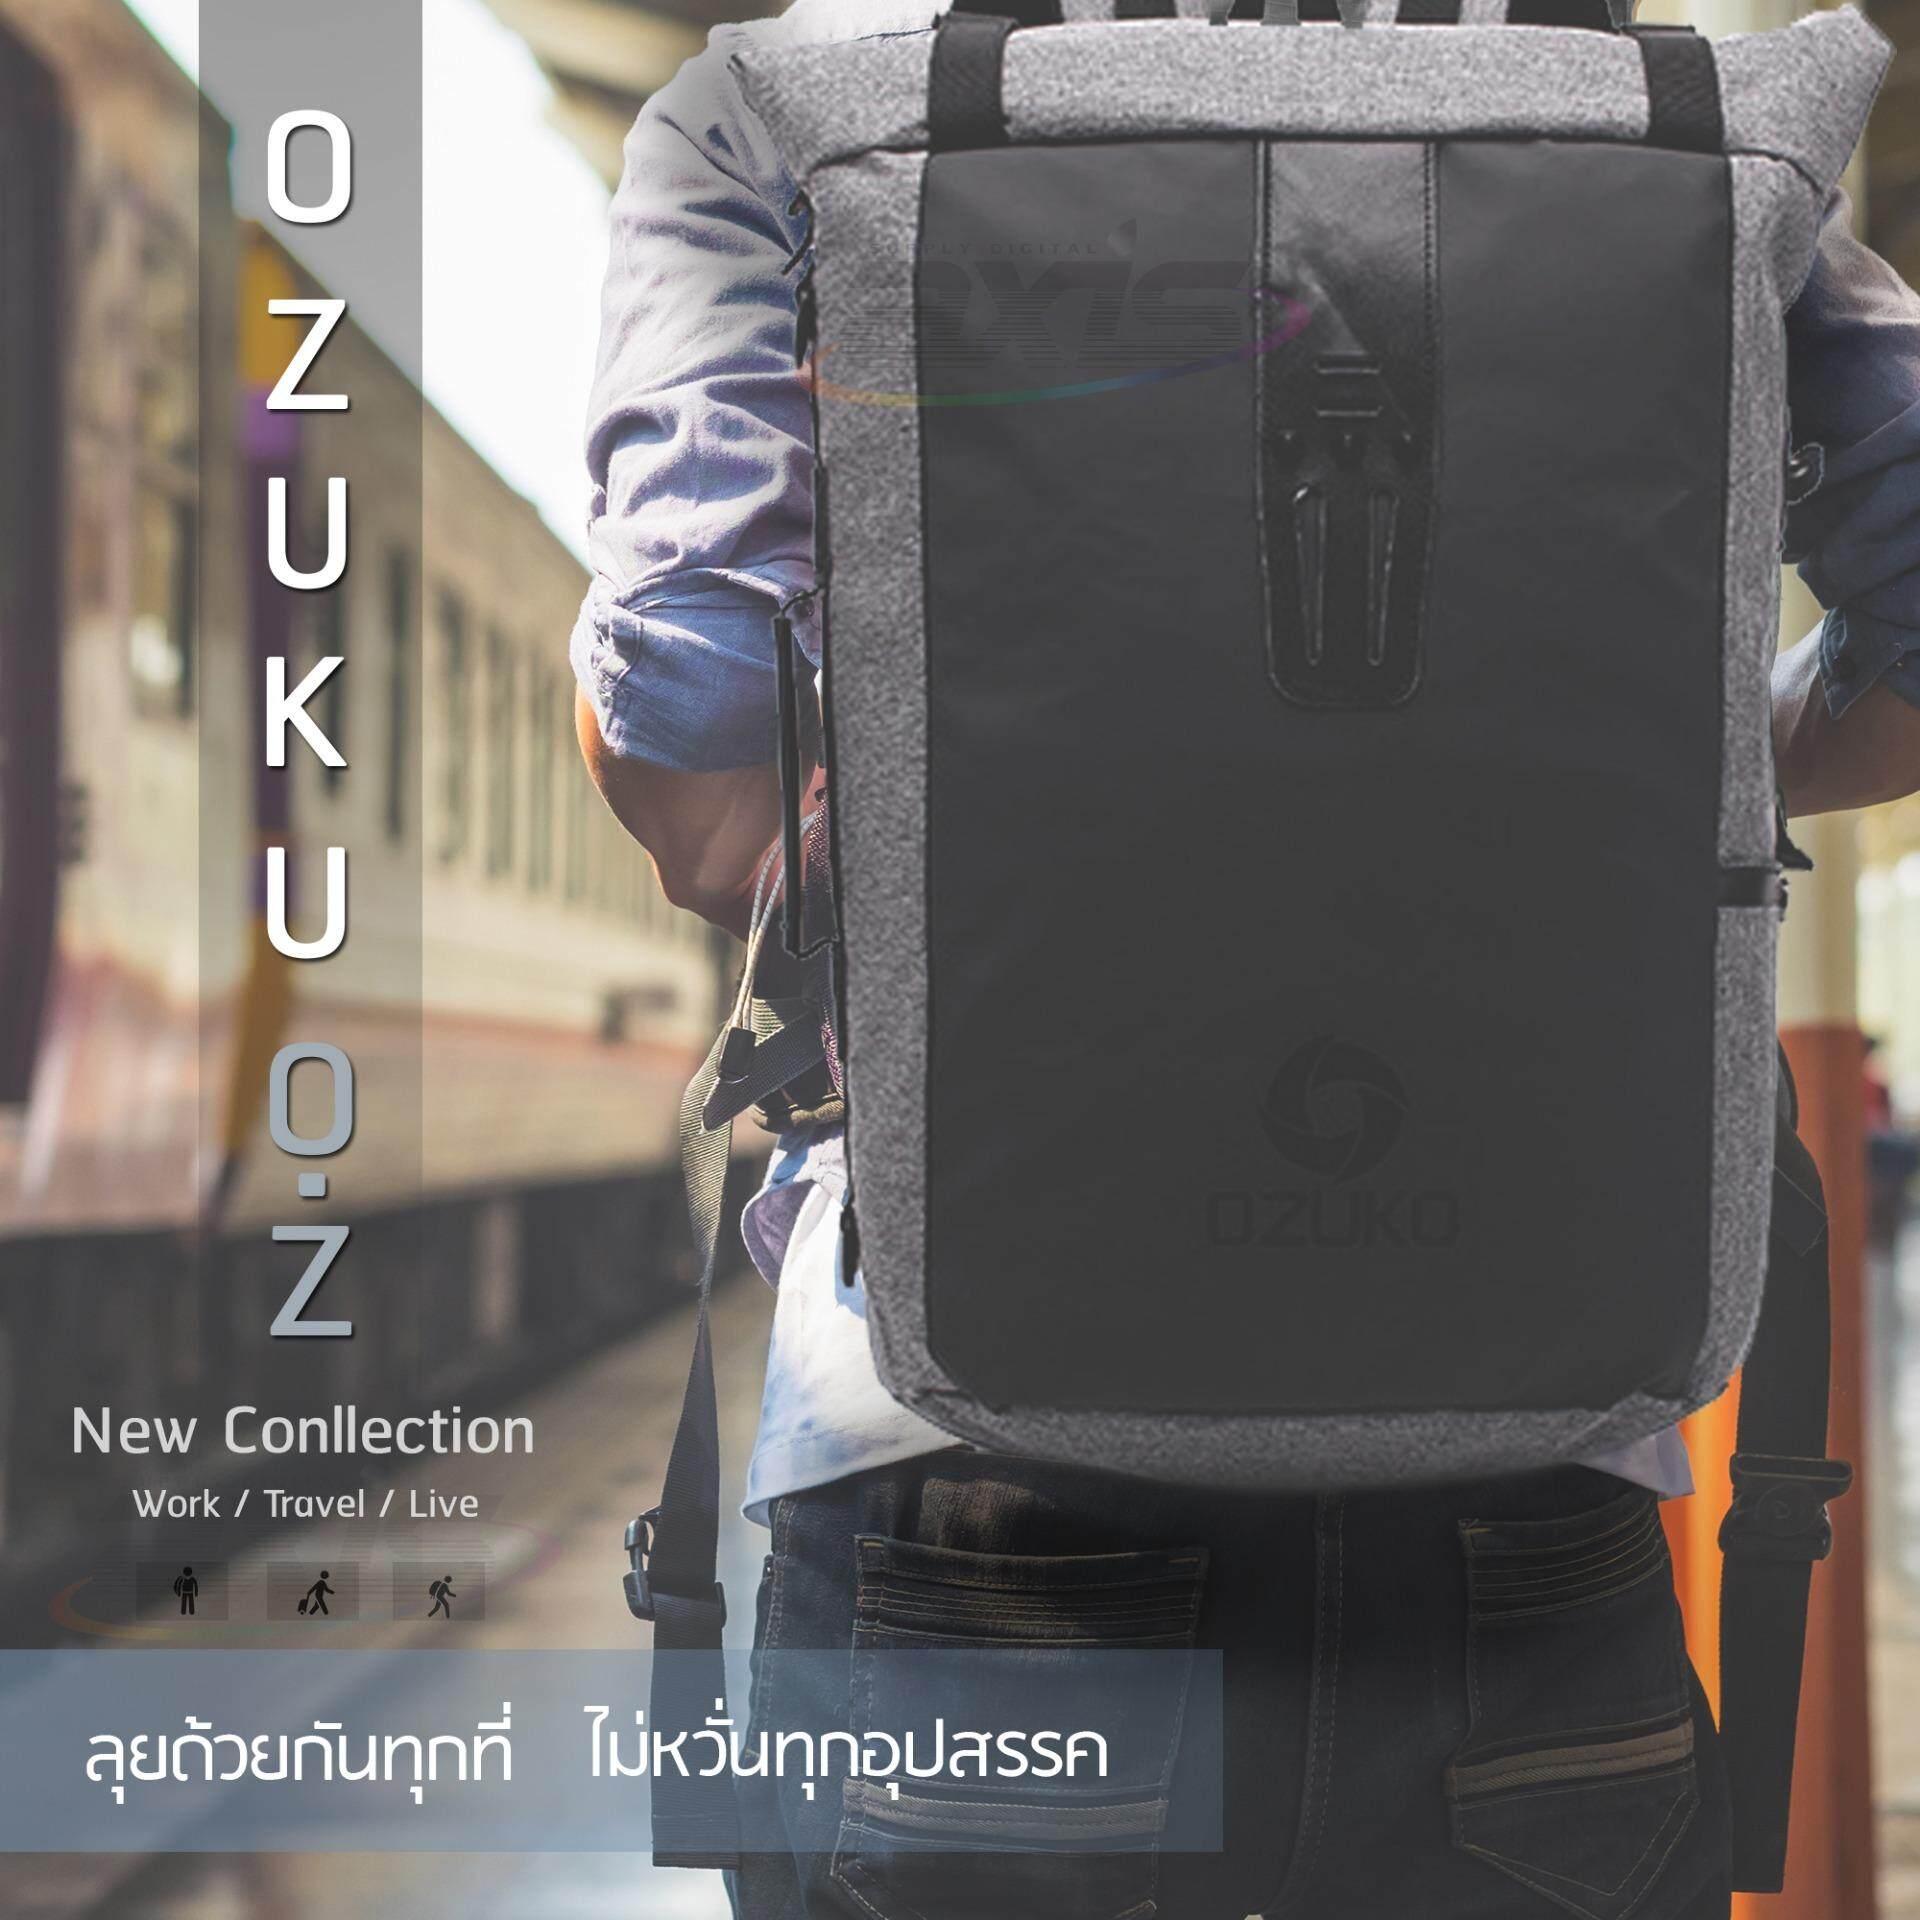 ขาย กระเป๋าท่องเที่ยว ใช้เดินป่า ท่องเที่ยว คงทนแข็งแรงใส่ของได้เยอะมีช่องซิปภายใน Notebook แฟ้มเอกสาร เสื้อผ้า โทรศัพท์มือถือ อื่นๆ Ozuko รุ่น O Z สีเทา ออนไลน์